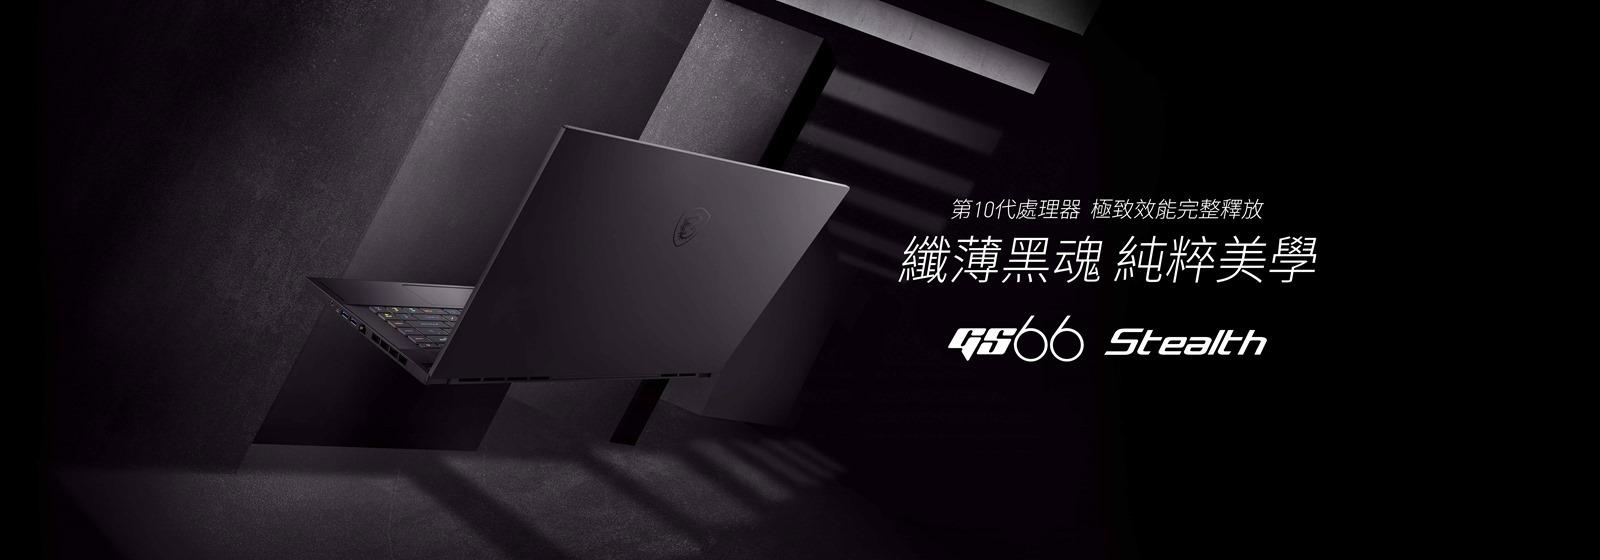 極致效能 淬鍊進化 MSI GE66 Raider、GS66 Stealth 領軍震撼登場 30 款電競筆電同步升級搭載第 10 代 Intel® Core™ 處理器 @3C 達人廖阿輝